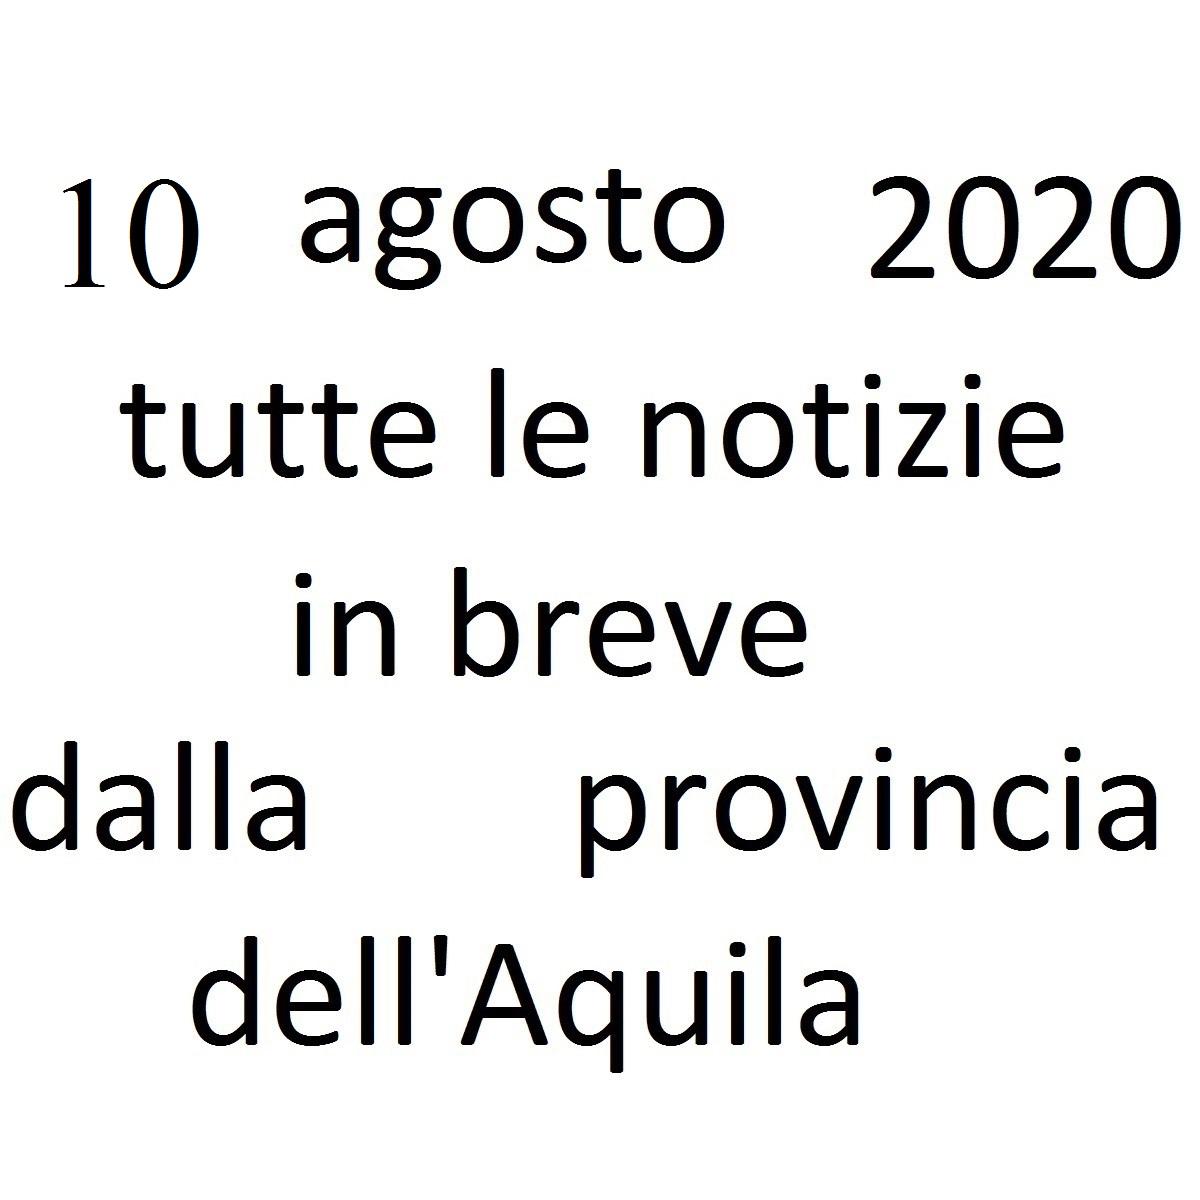 10 agosto 2020 notizie in breve dalla Provincia dell'Aquila foto